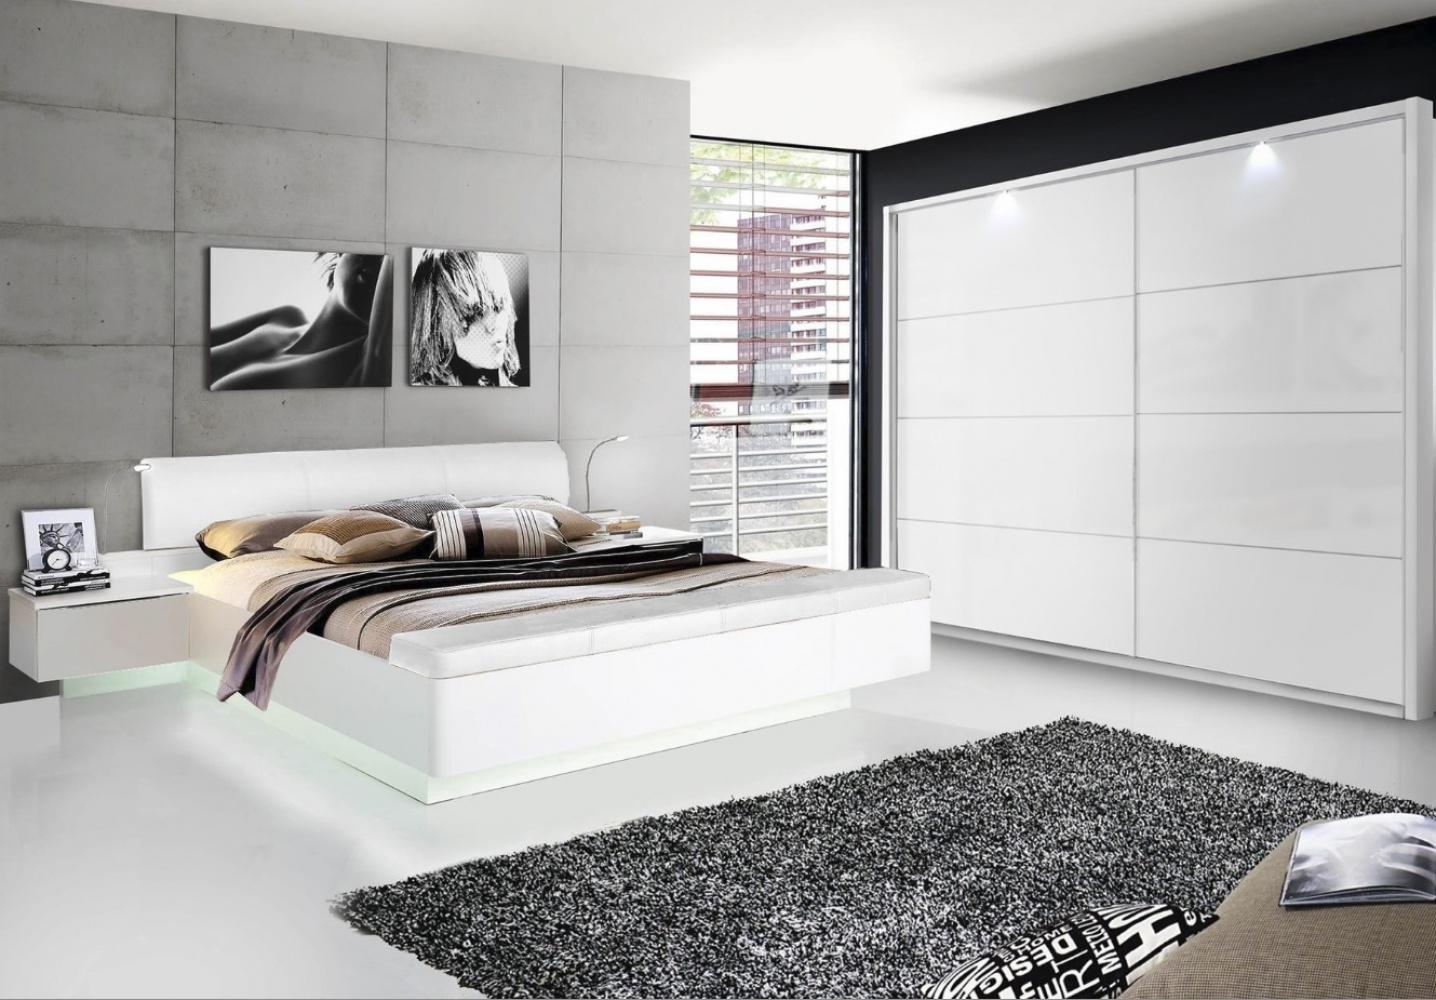 Schlafzimmer Komplett In Weiß Hochglanz Story 1 ...